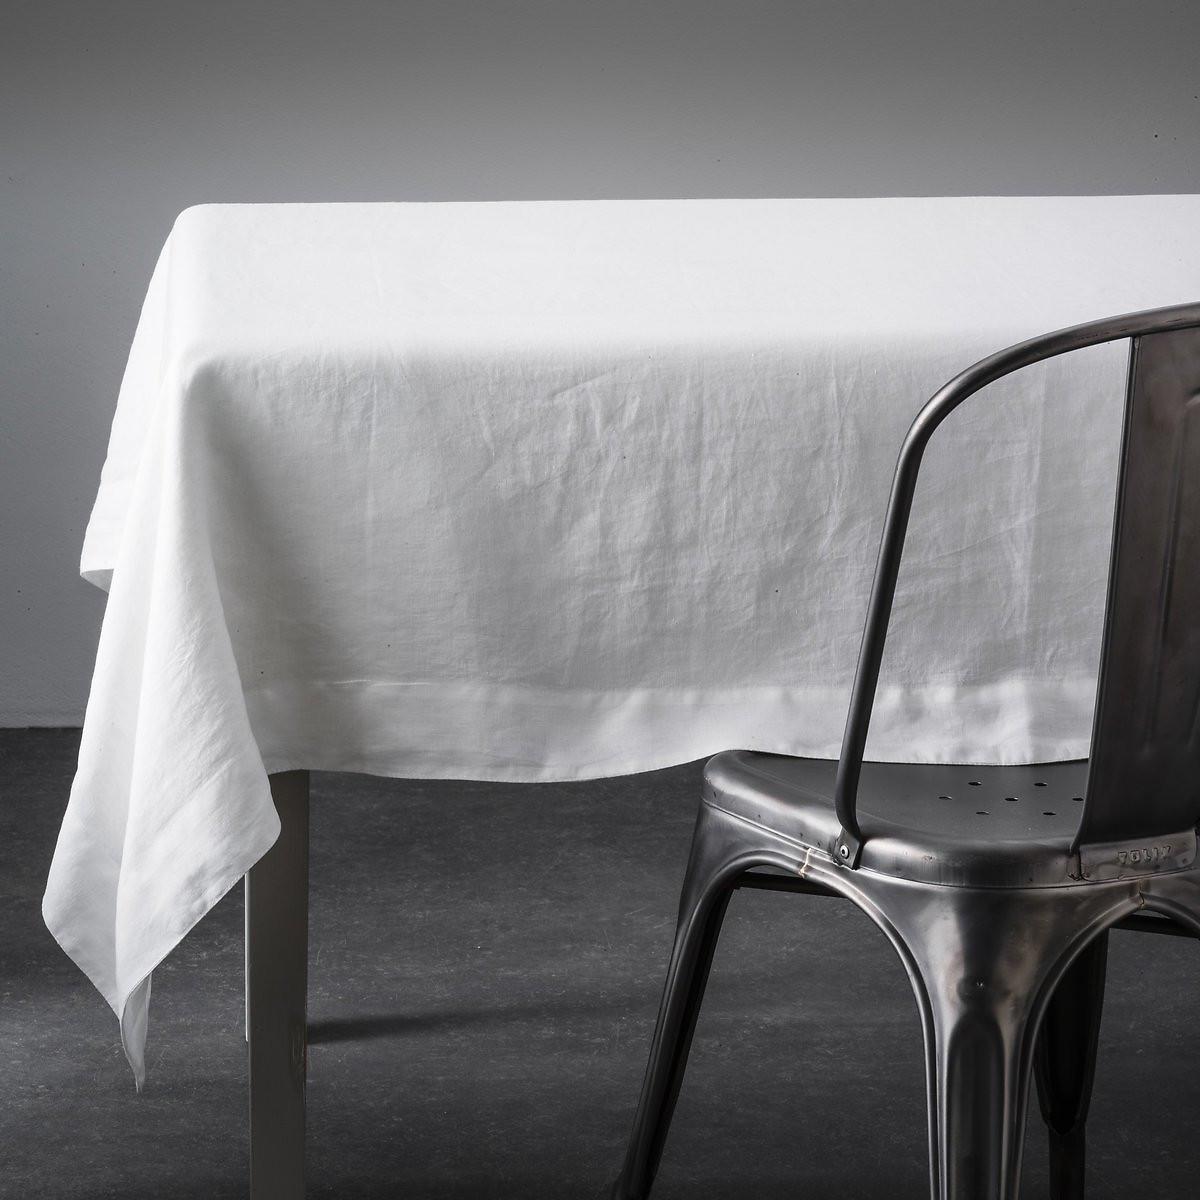 Скатерть LaRedoute Из льна Linette 180 x 250 см белый чехол laredoute для кровати 100 льна 160 x 200 см белый